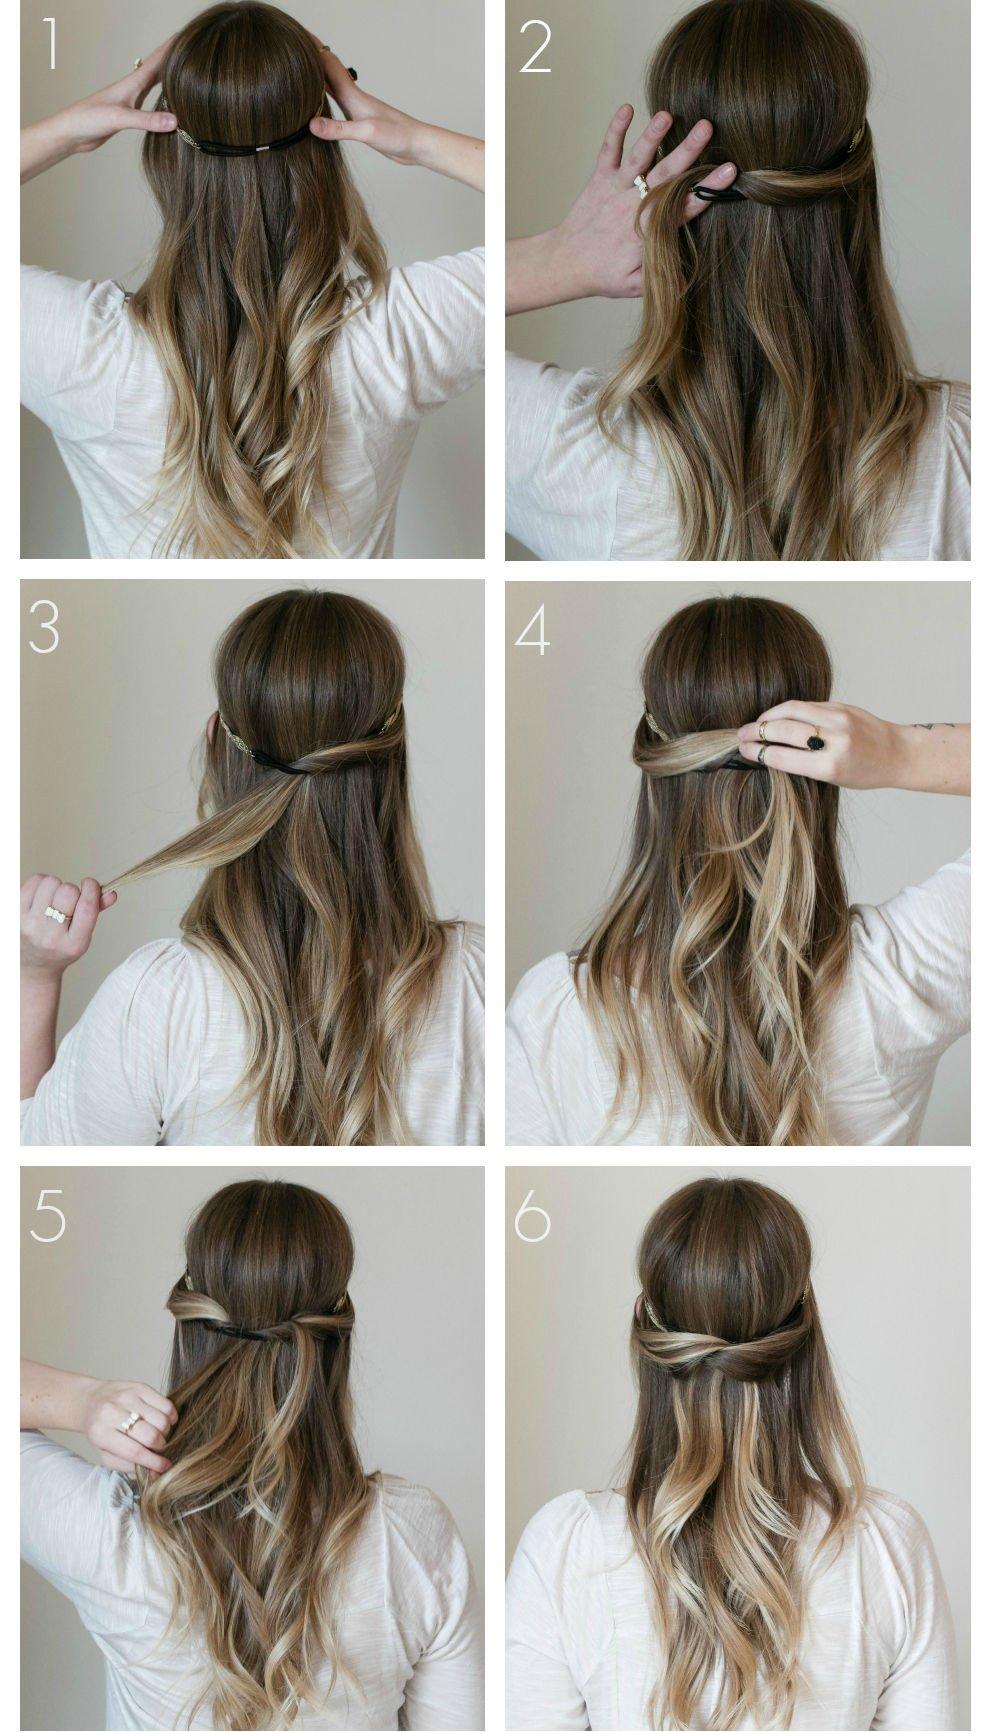 peinado de semi recogido que se puede hacer en pocos minutos - Peinados Sencillos